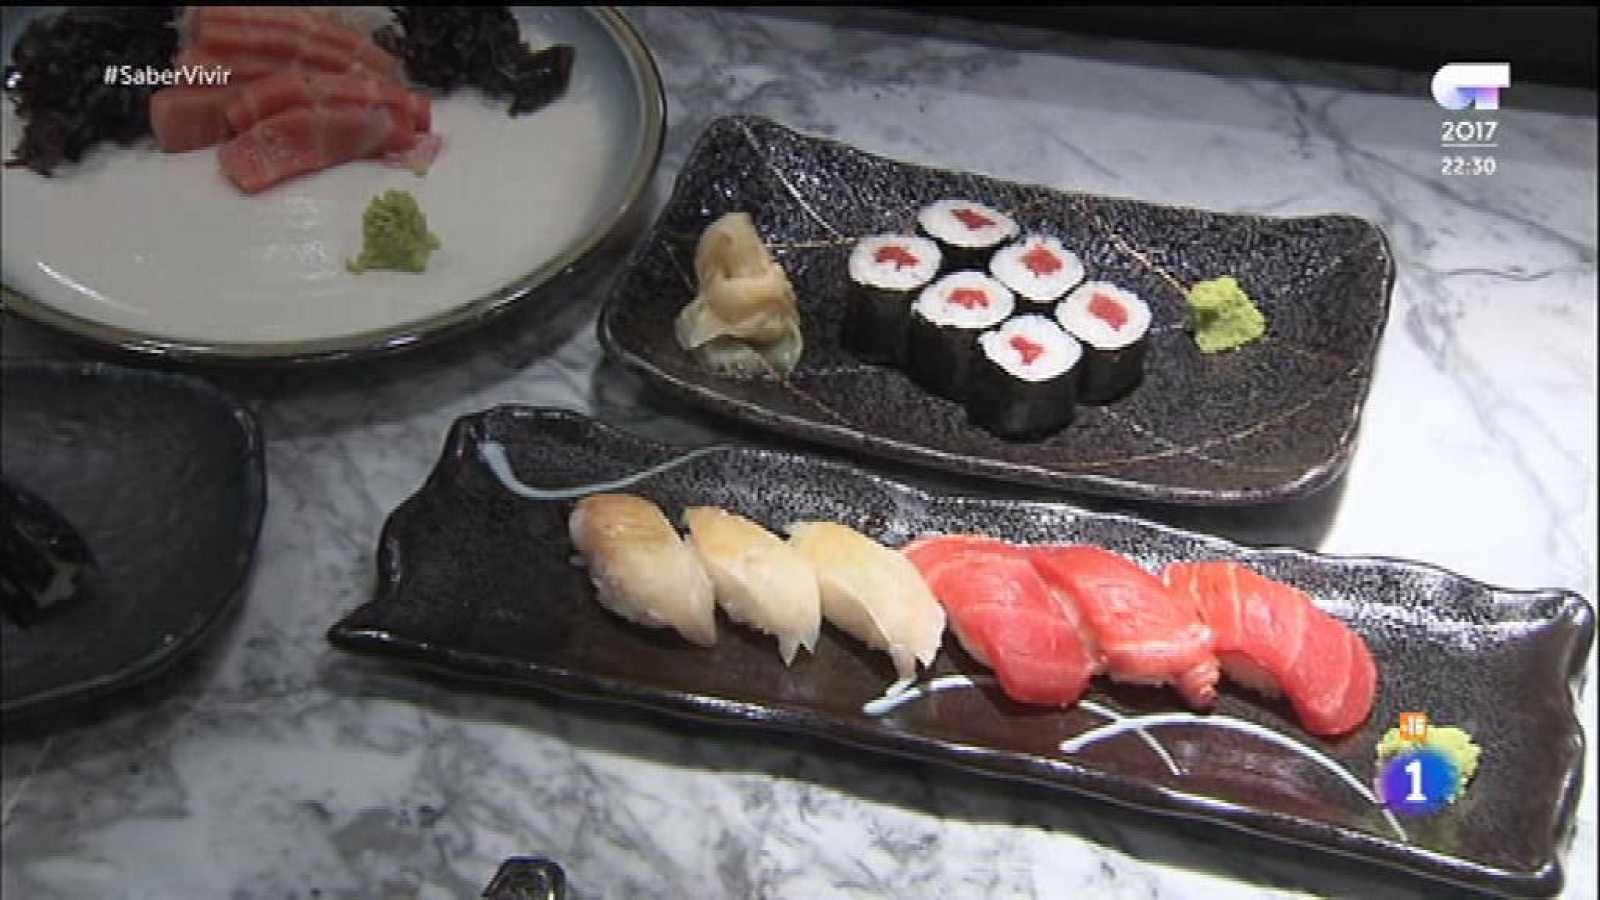 Japonesa Beneficios Del Pescado Crudo ~ Dietas De Adelgazamiento De Saber Vivir